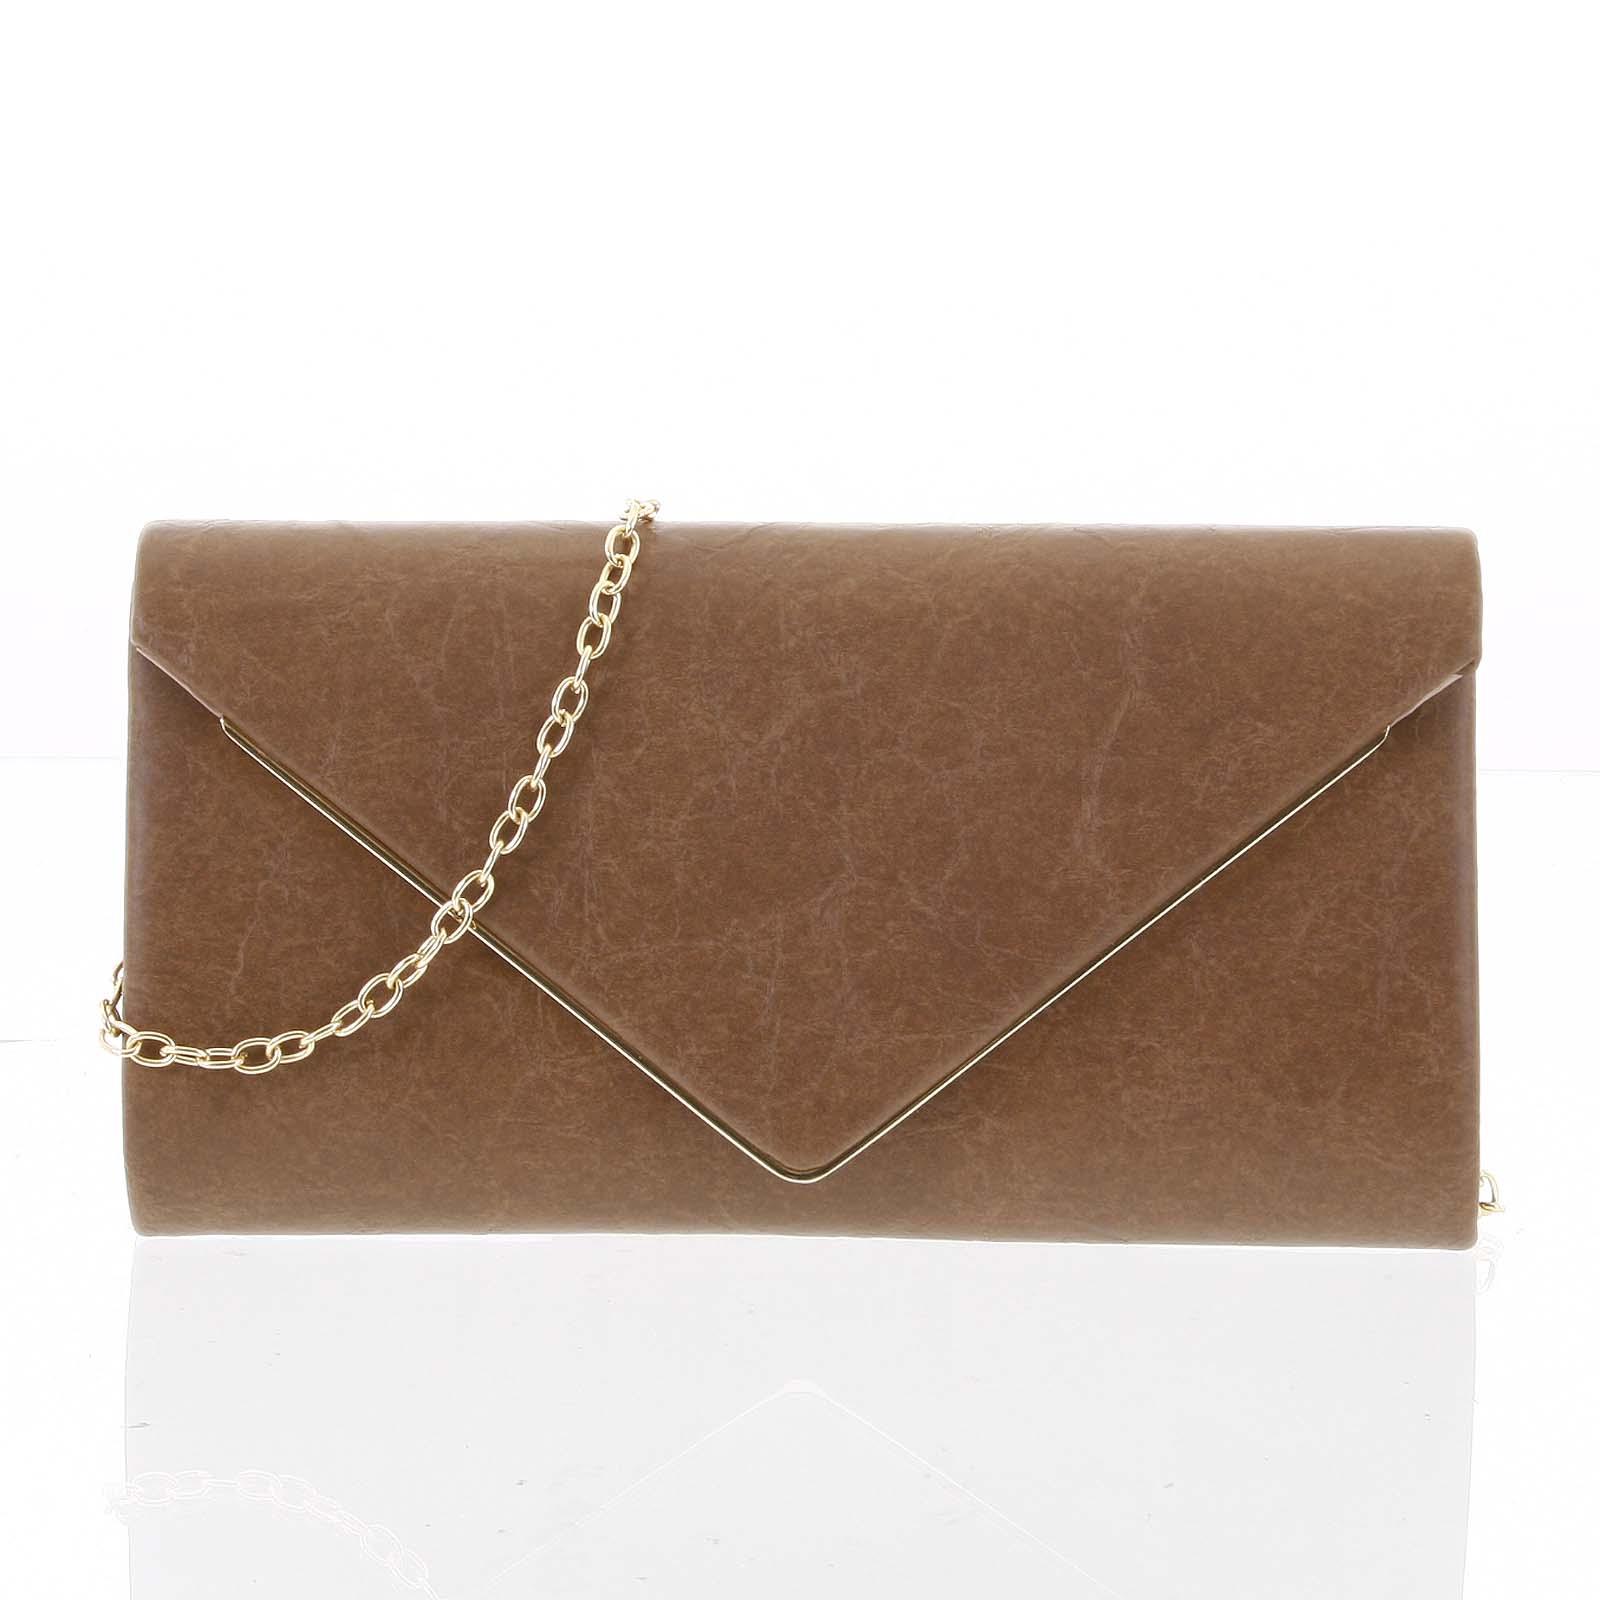 Štýlová dámska listová kabelka vzorovaná khaki - Delami HD743